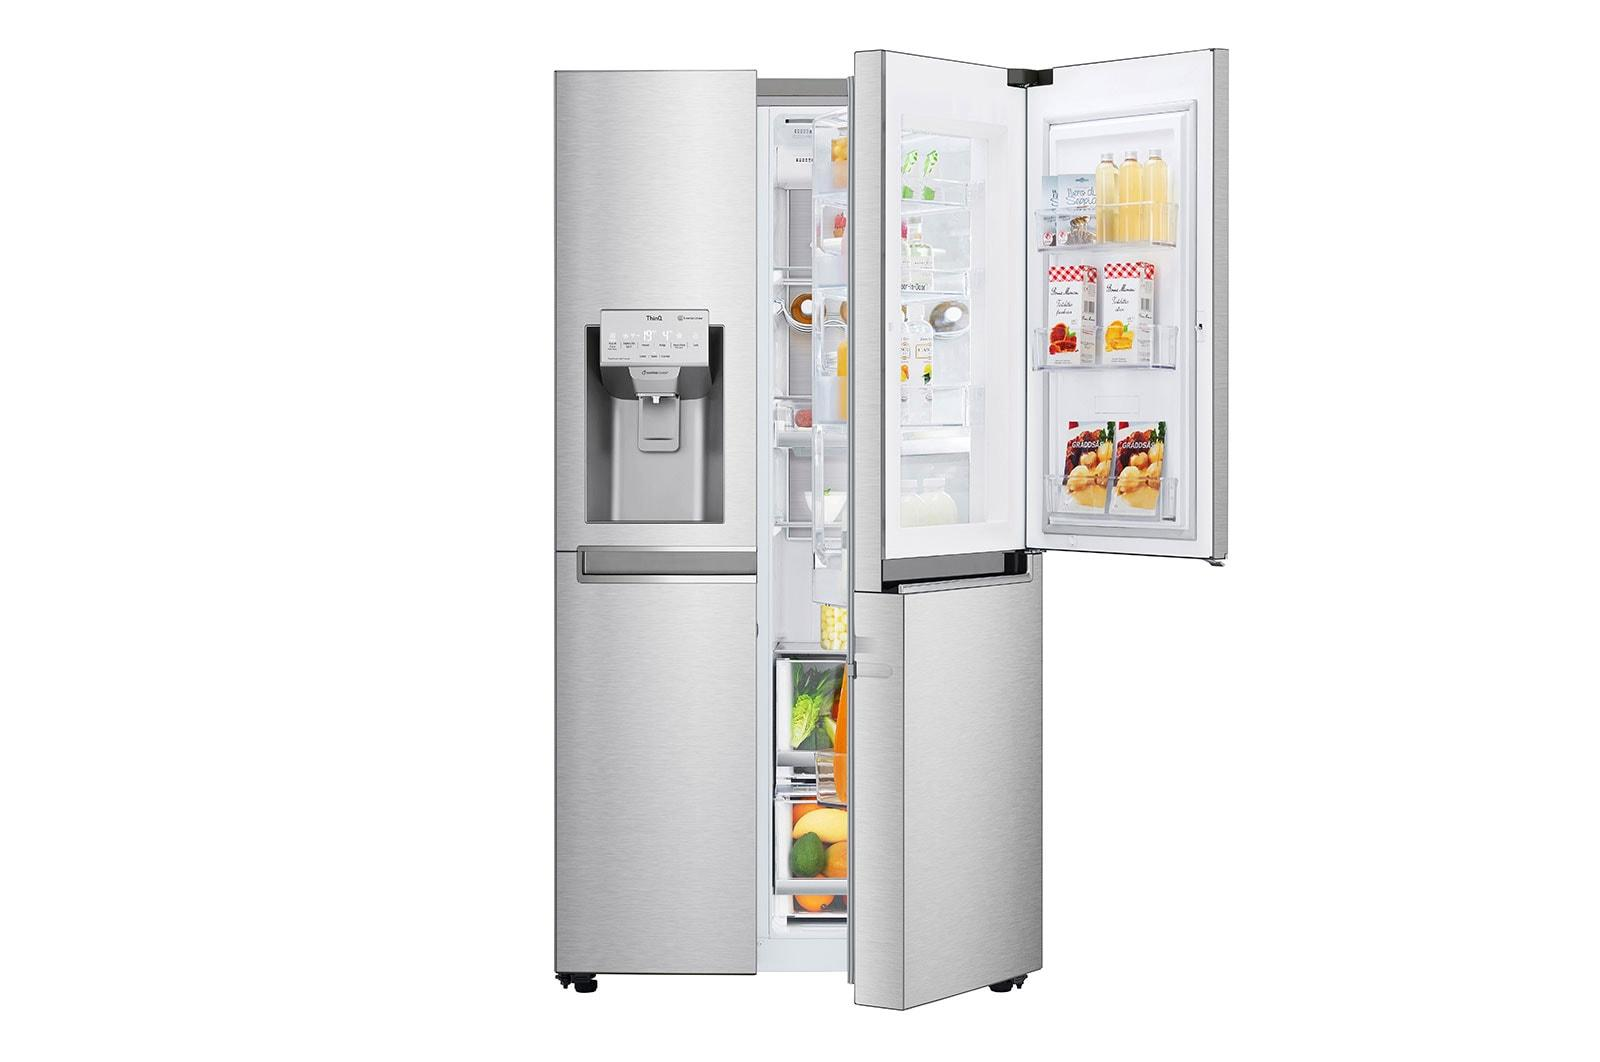 Ψυγείο Ντουλάπα Κάθετης Διάταξης Total No Frost - GSJ960NSCZ main image